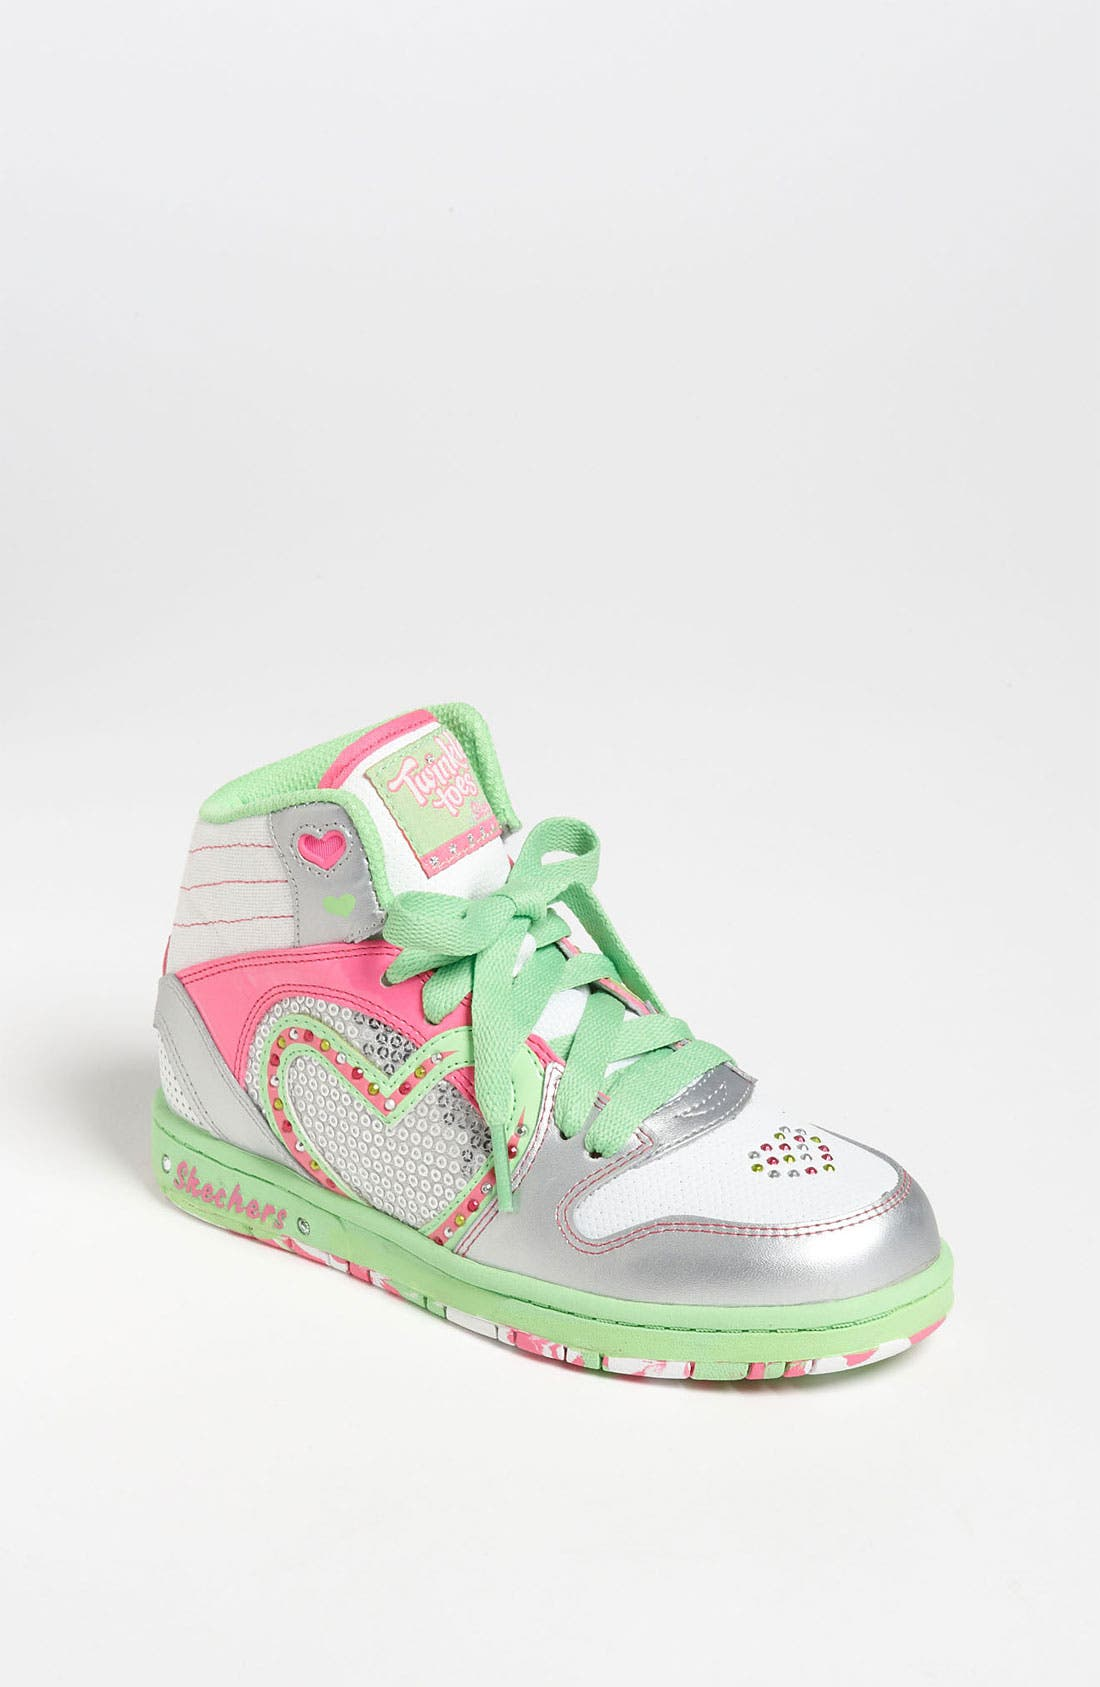 Alternate Image 1 Selected - SKECHERS 'Twinkle Toes - Heart N' Soul' Sneaker (Toddler, Little Kid & Big Kid)